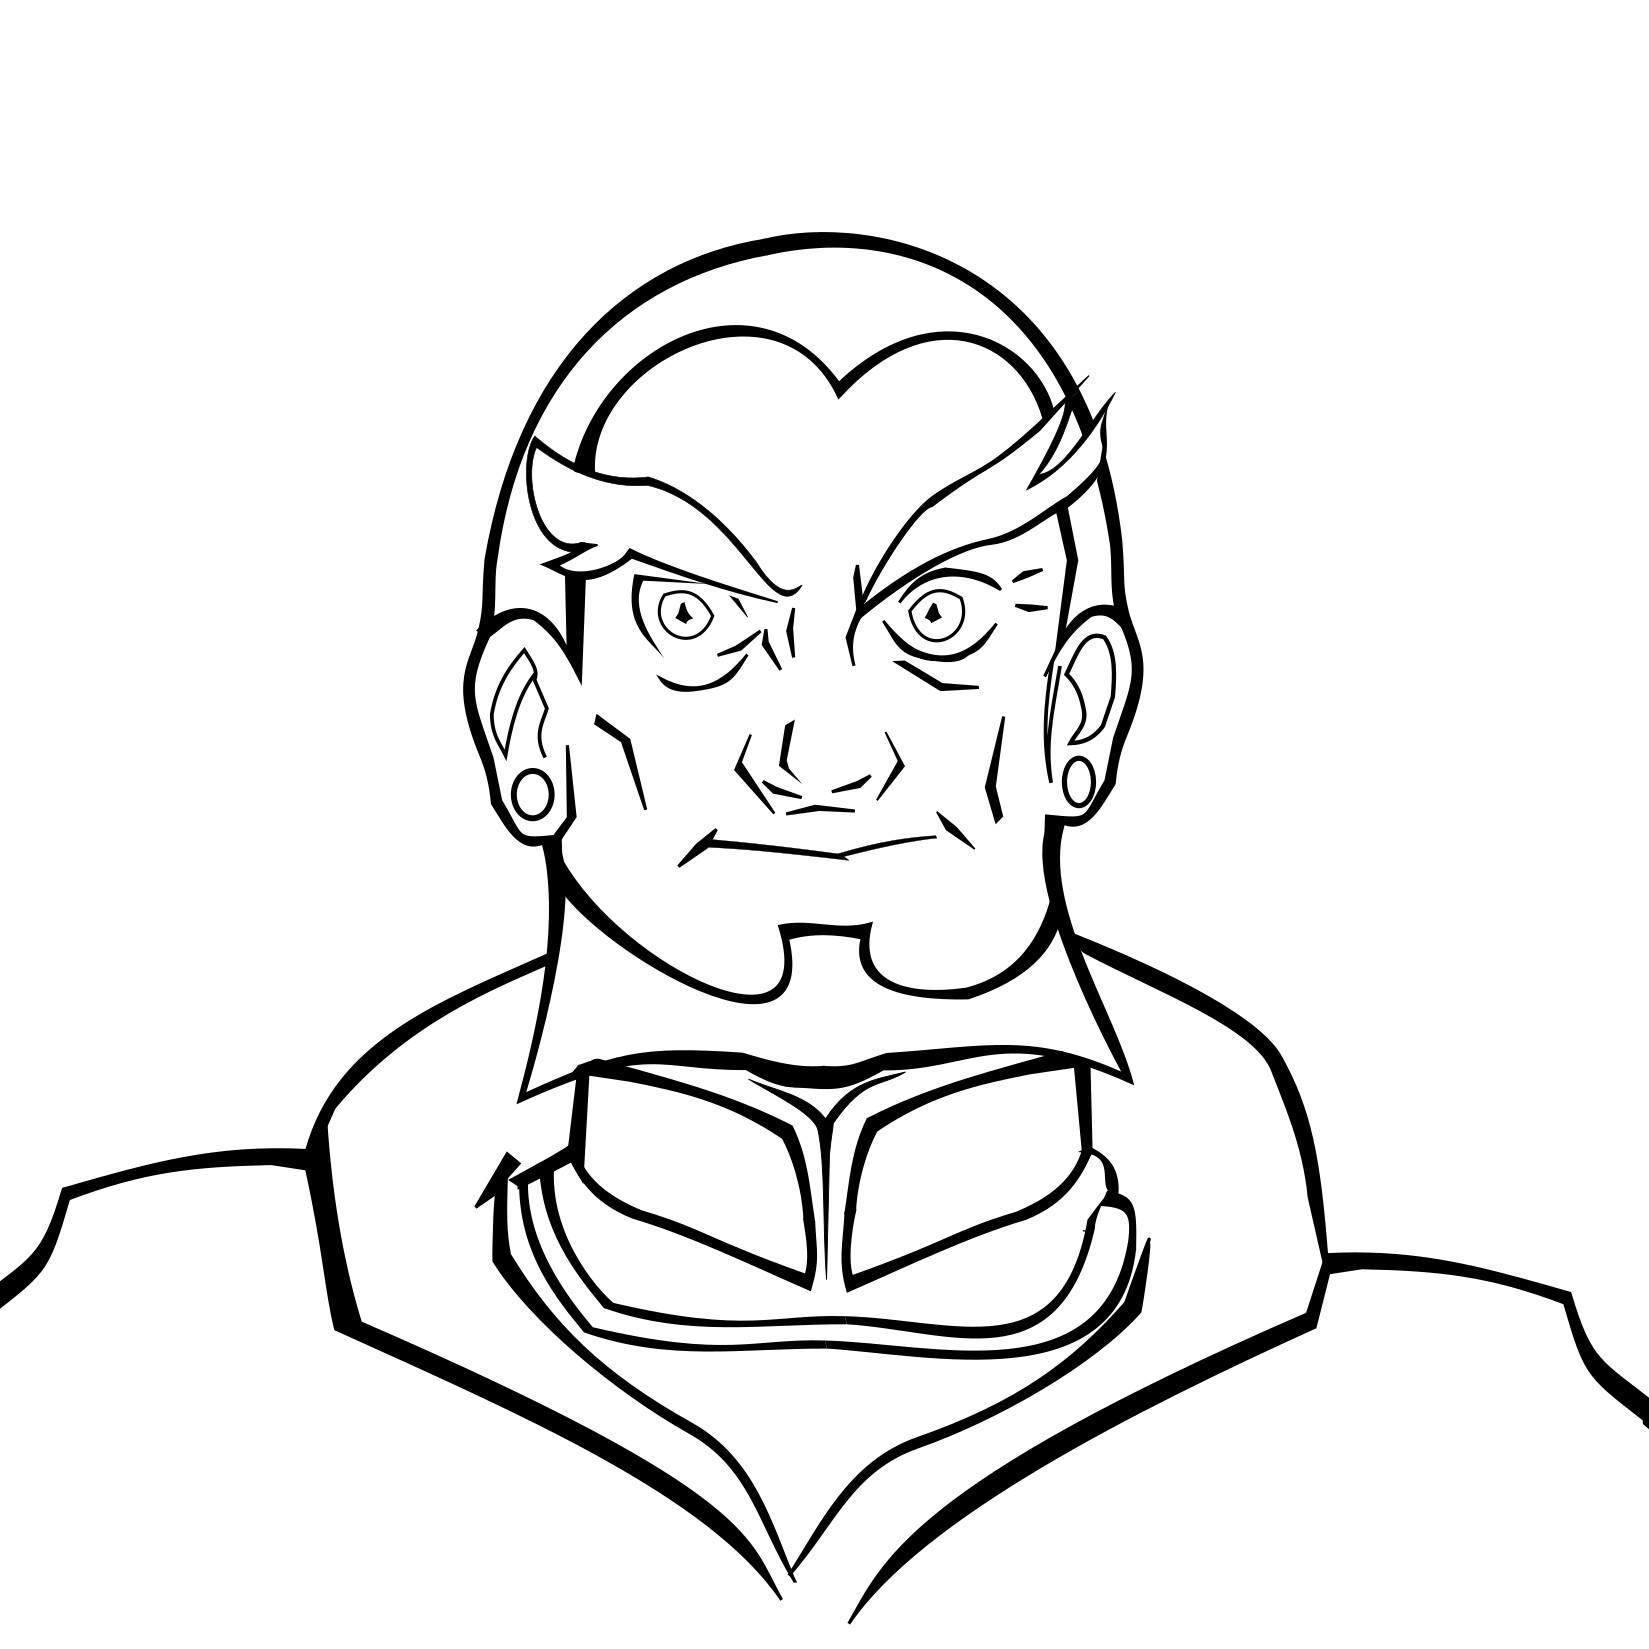 Gabriel sansigolo soldier1